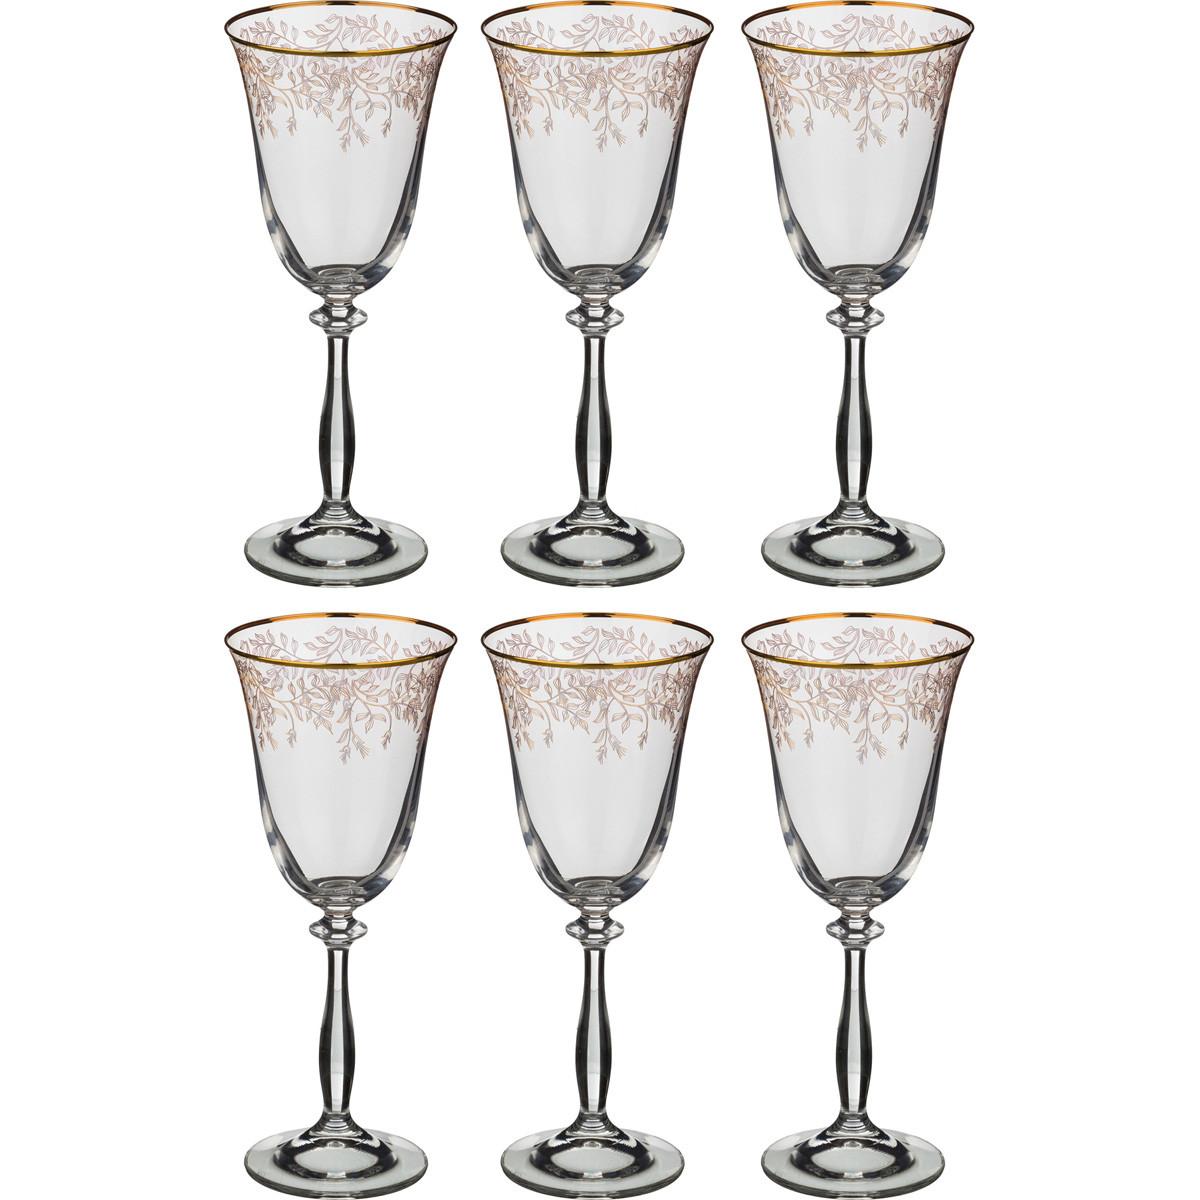 {} Bohemia Crystal Набор бокалов для вина Olivia  (22 см - 6 шт) crystal bohemia